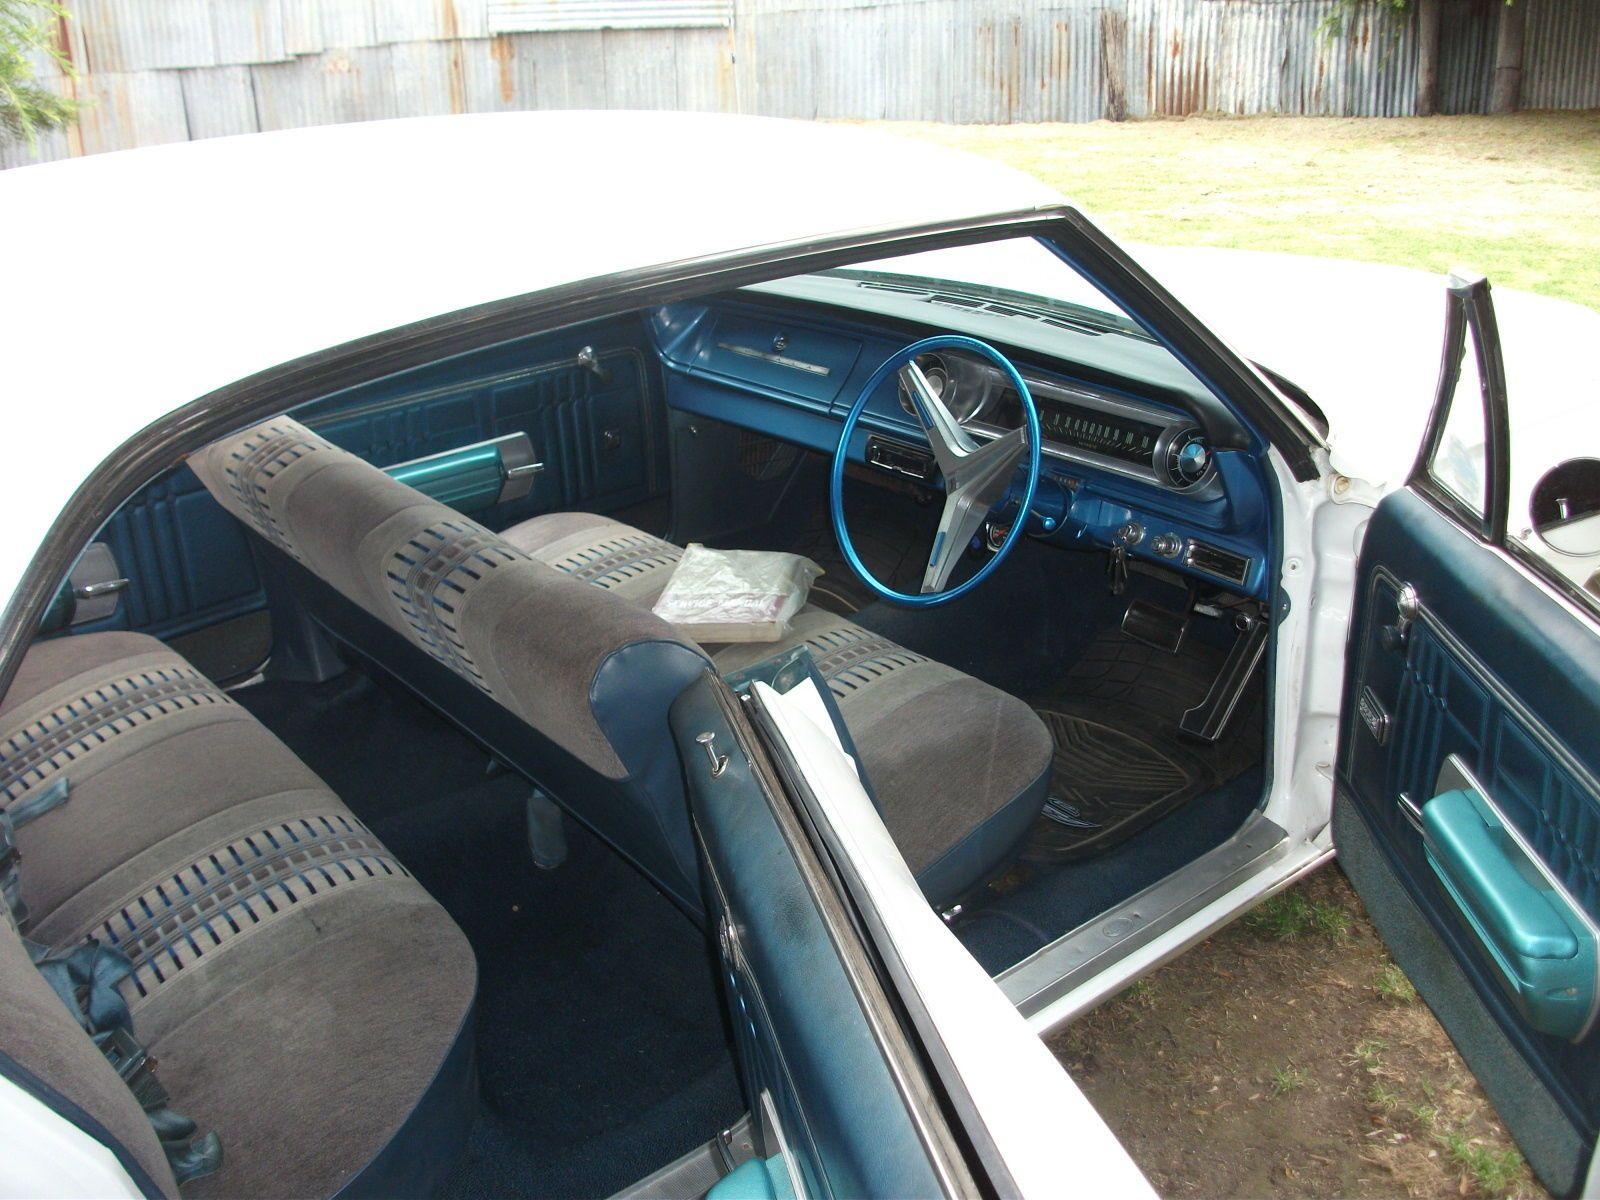 1968 chev impala rhd australian dash